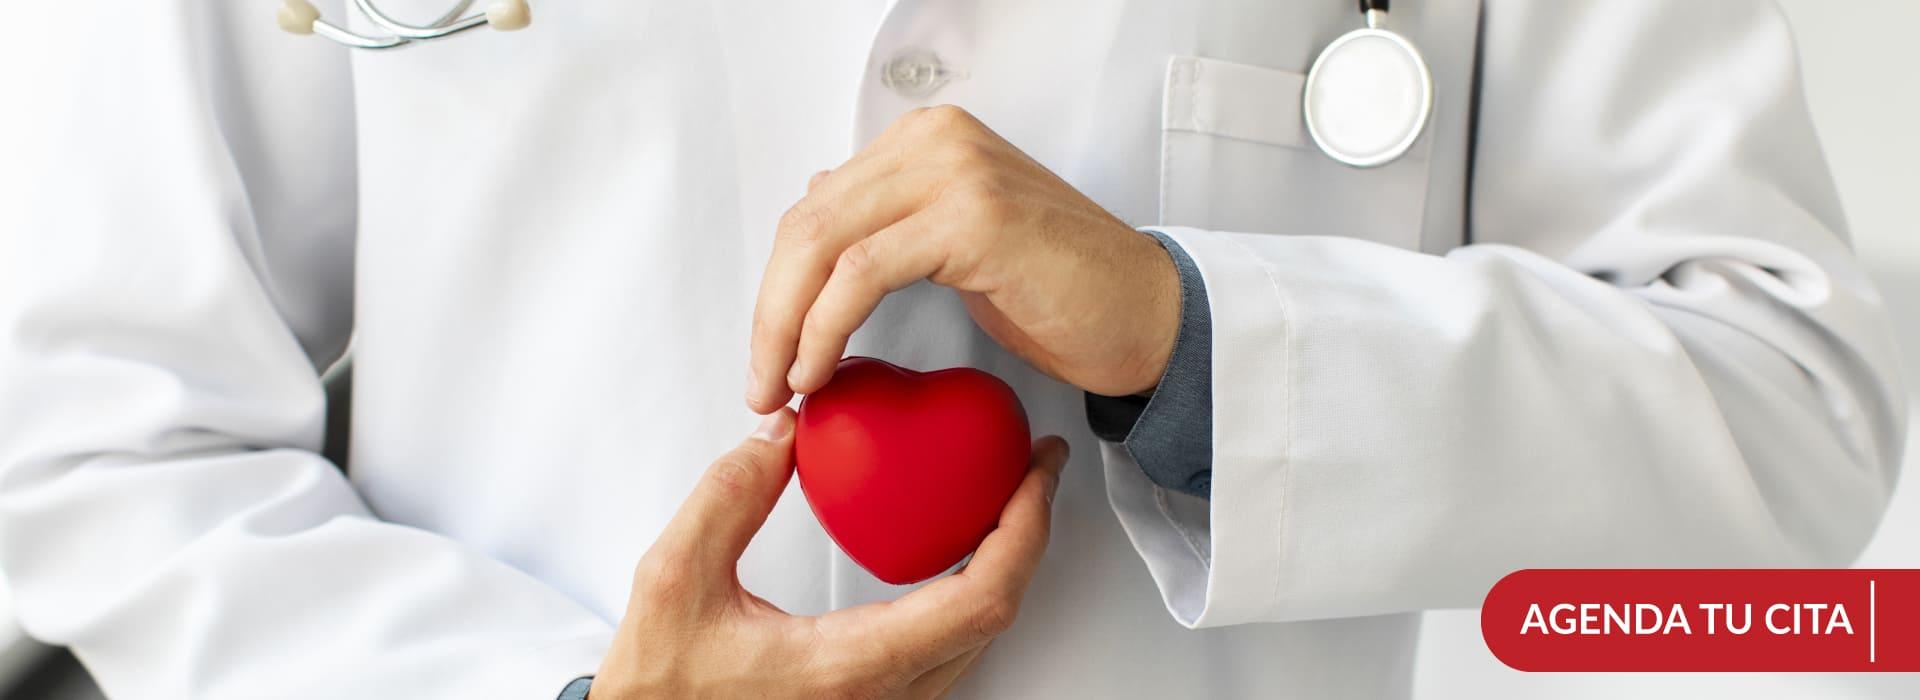 Agenda tu cita en el Instituto de Cardiología del Caribe